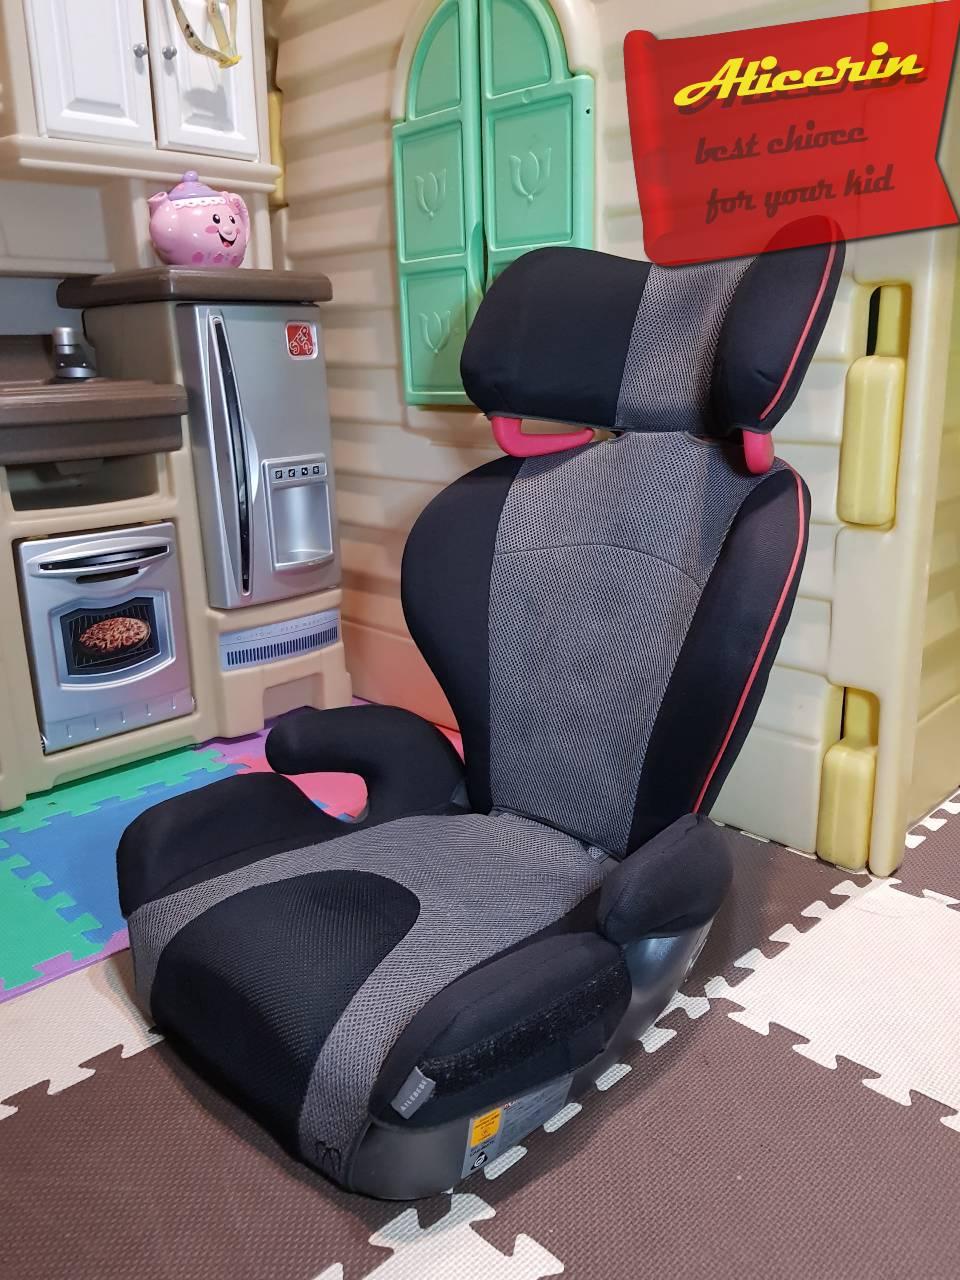 คาร์ซีทเด็กโต บูสเตอร์ Ailebebe รุ่น Saratto BK -Booster Seat .ใช้ได้ถึง 12ขวบ